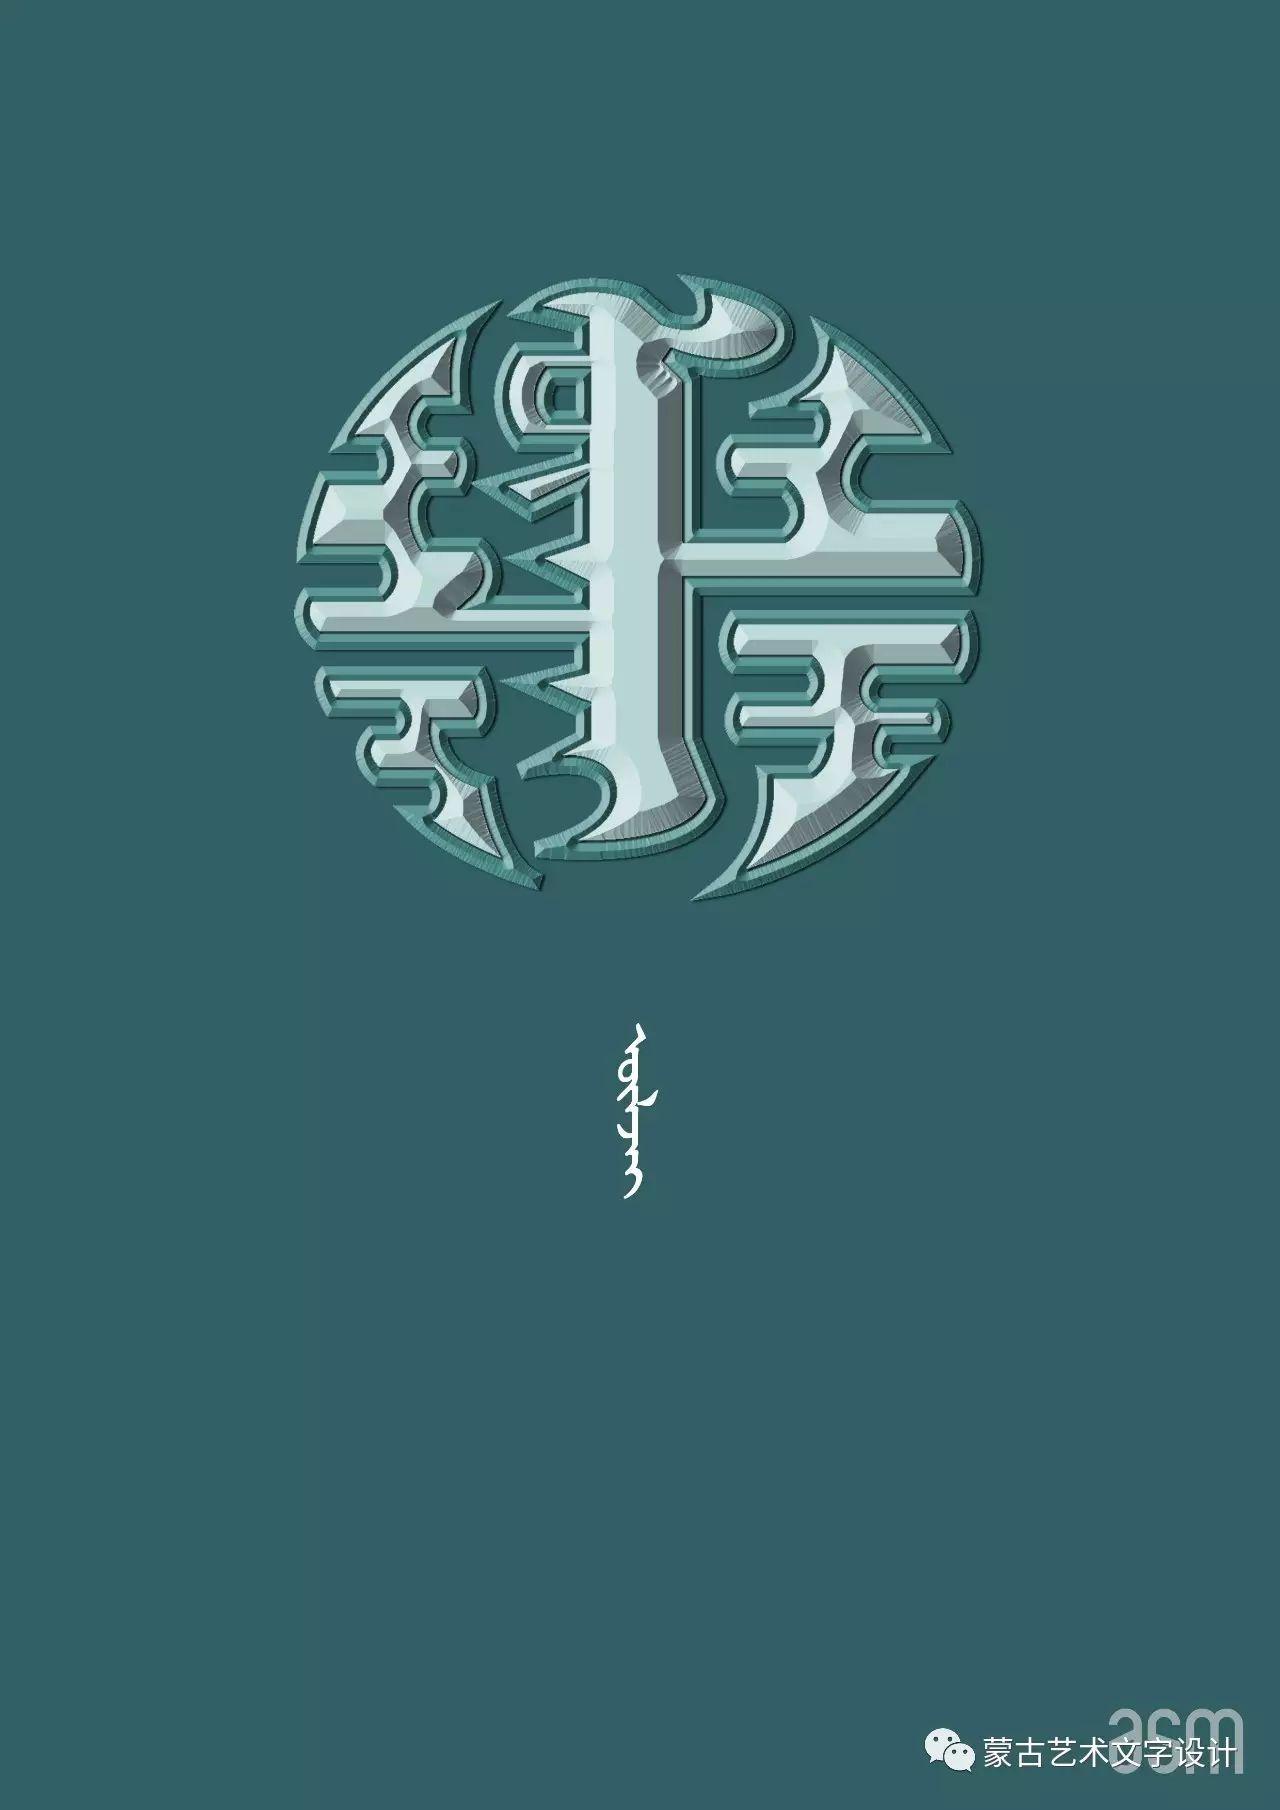 蒙古艺术文字设计 第71张